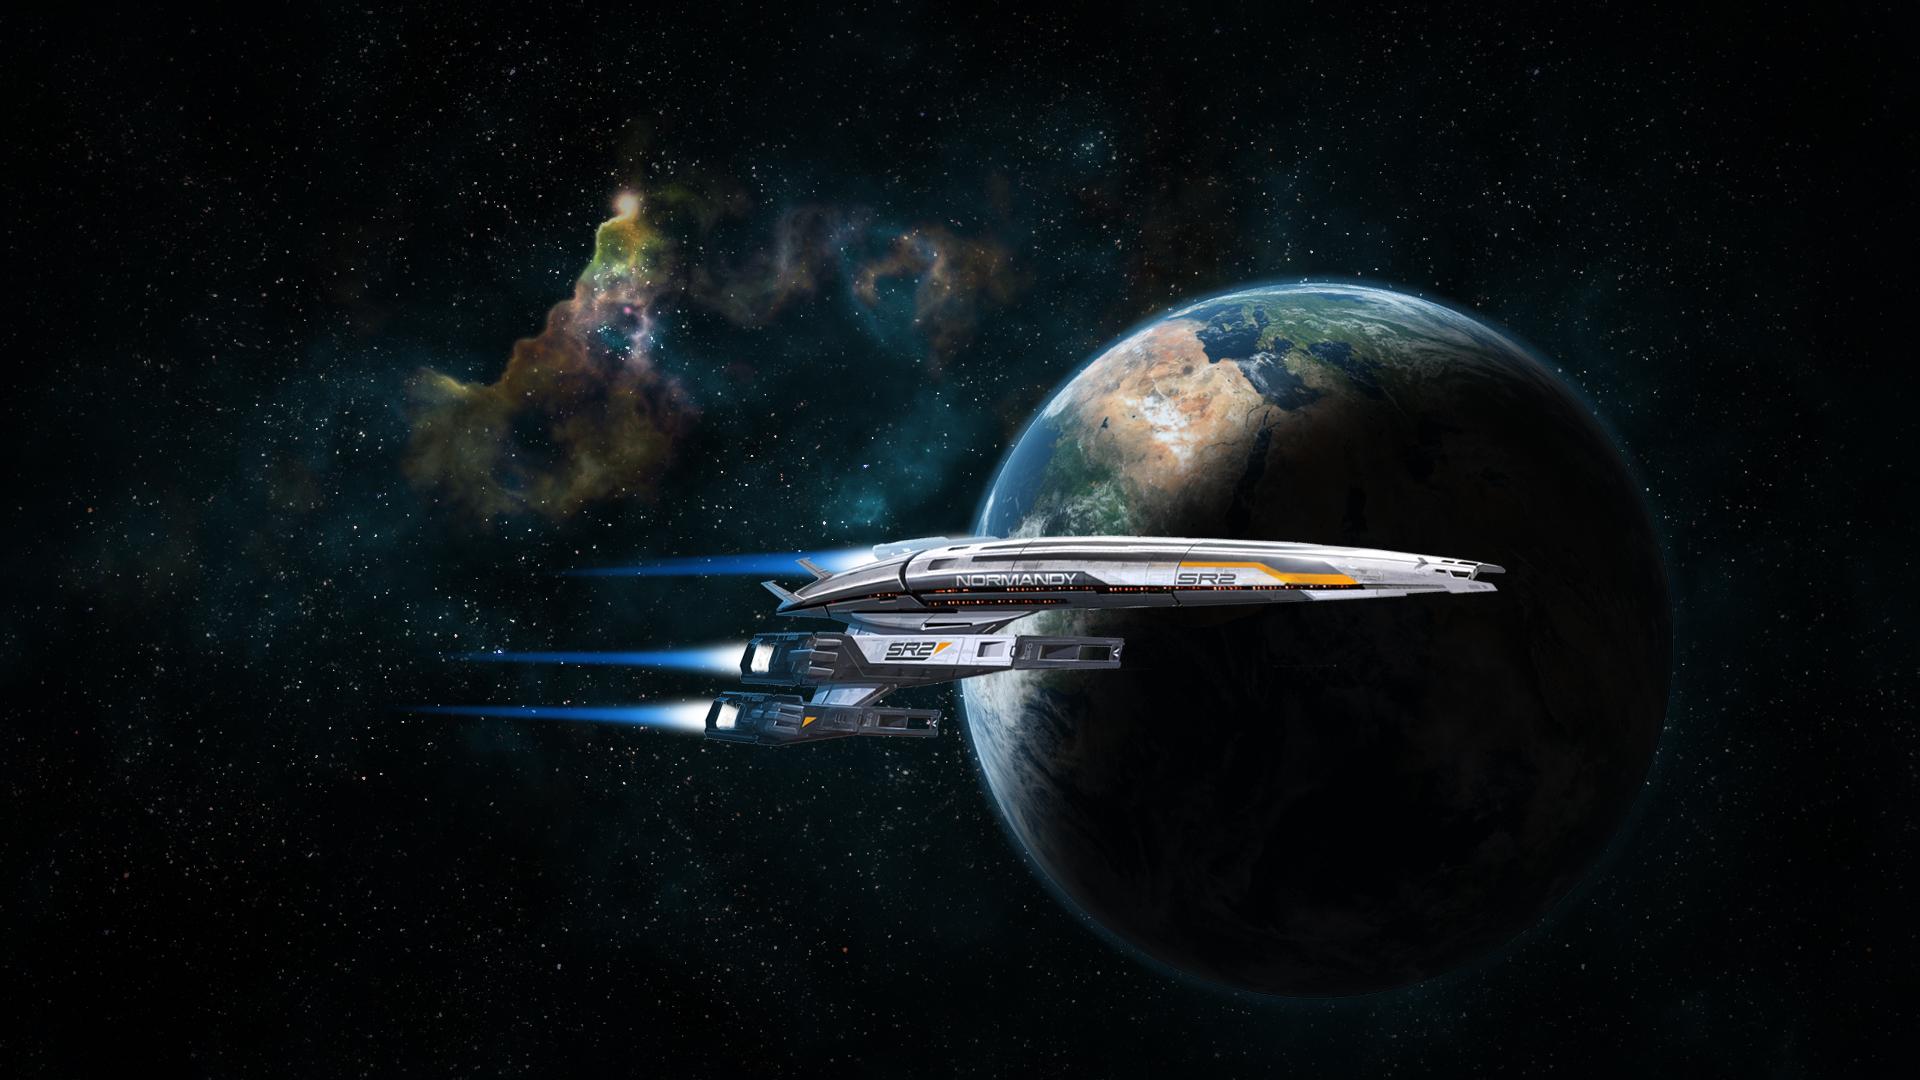 Mass Effect Desktop Backgrounds: Mass Effect 2 Computer Wallpapers, Desktop Backgrounds